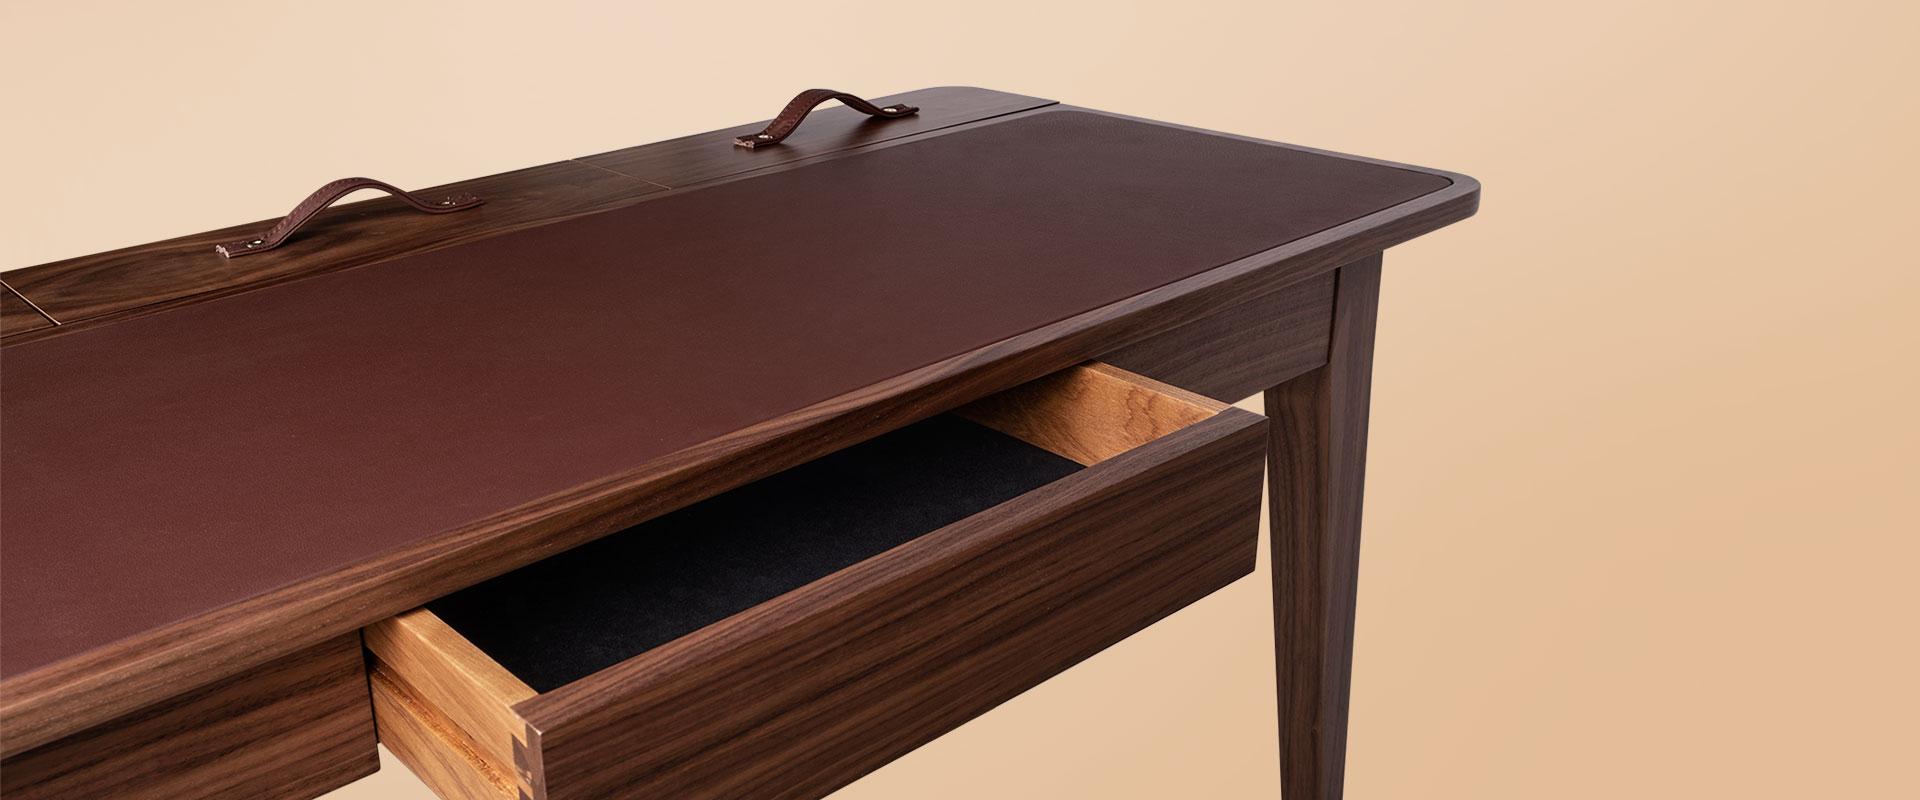 Kipling Desk detail